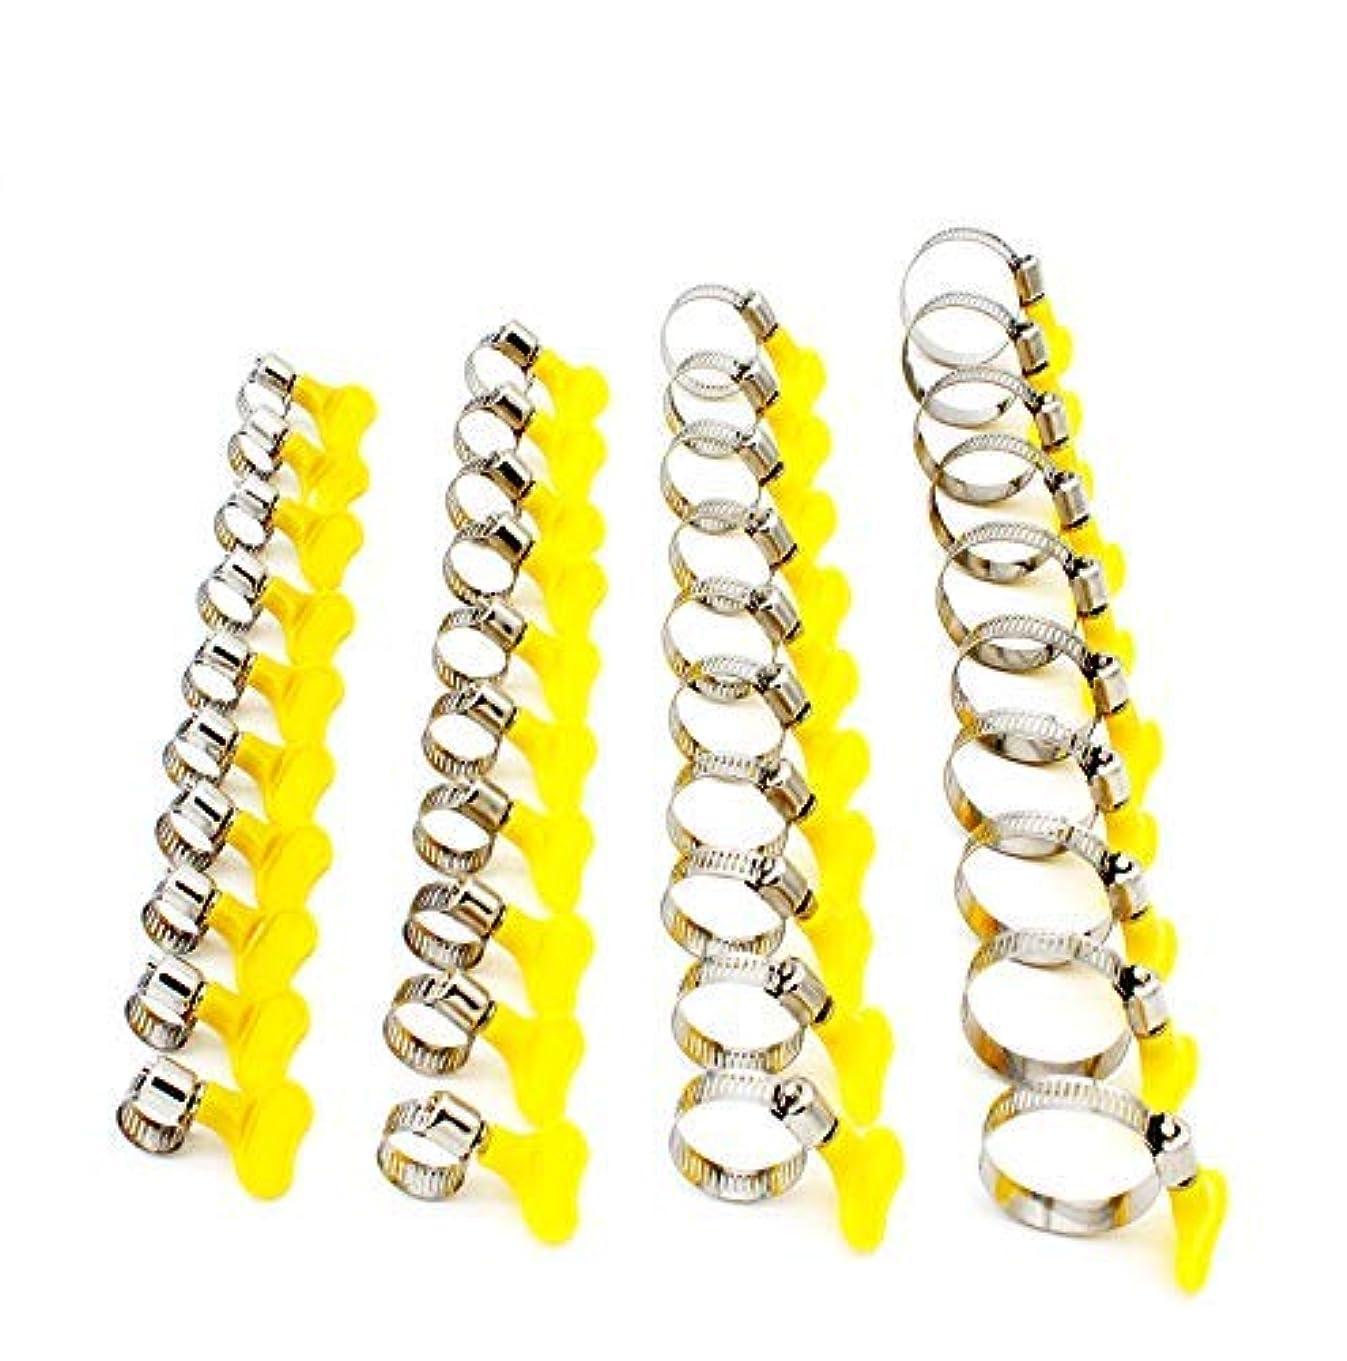 一緒に誇りブロックするTSellk Adjustable Stainless Steel Hose Clamp, Pipe Clamp, Self-Bringing Tools, 1/3